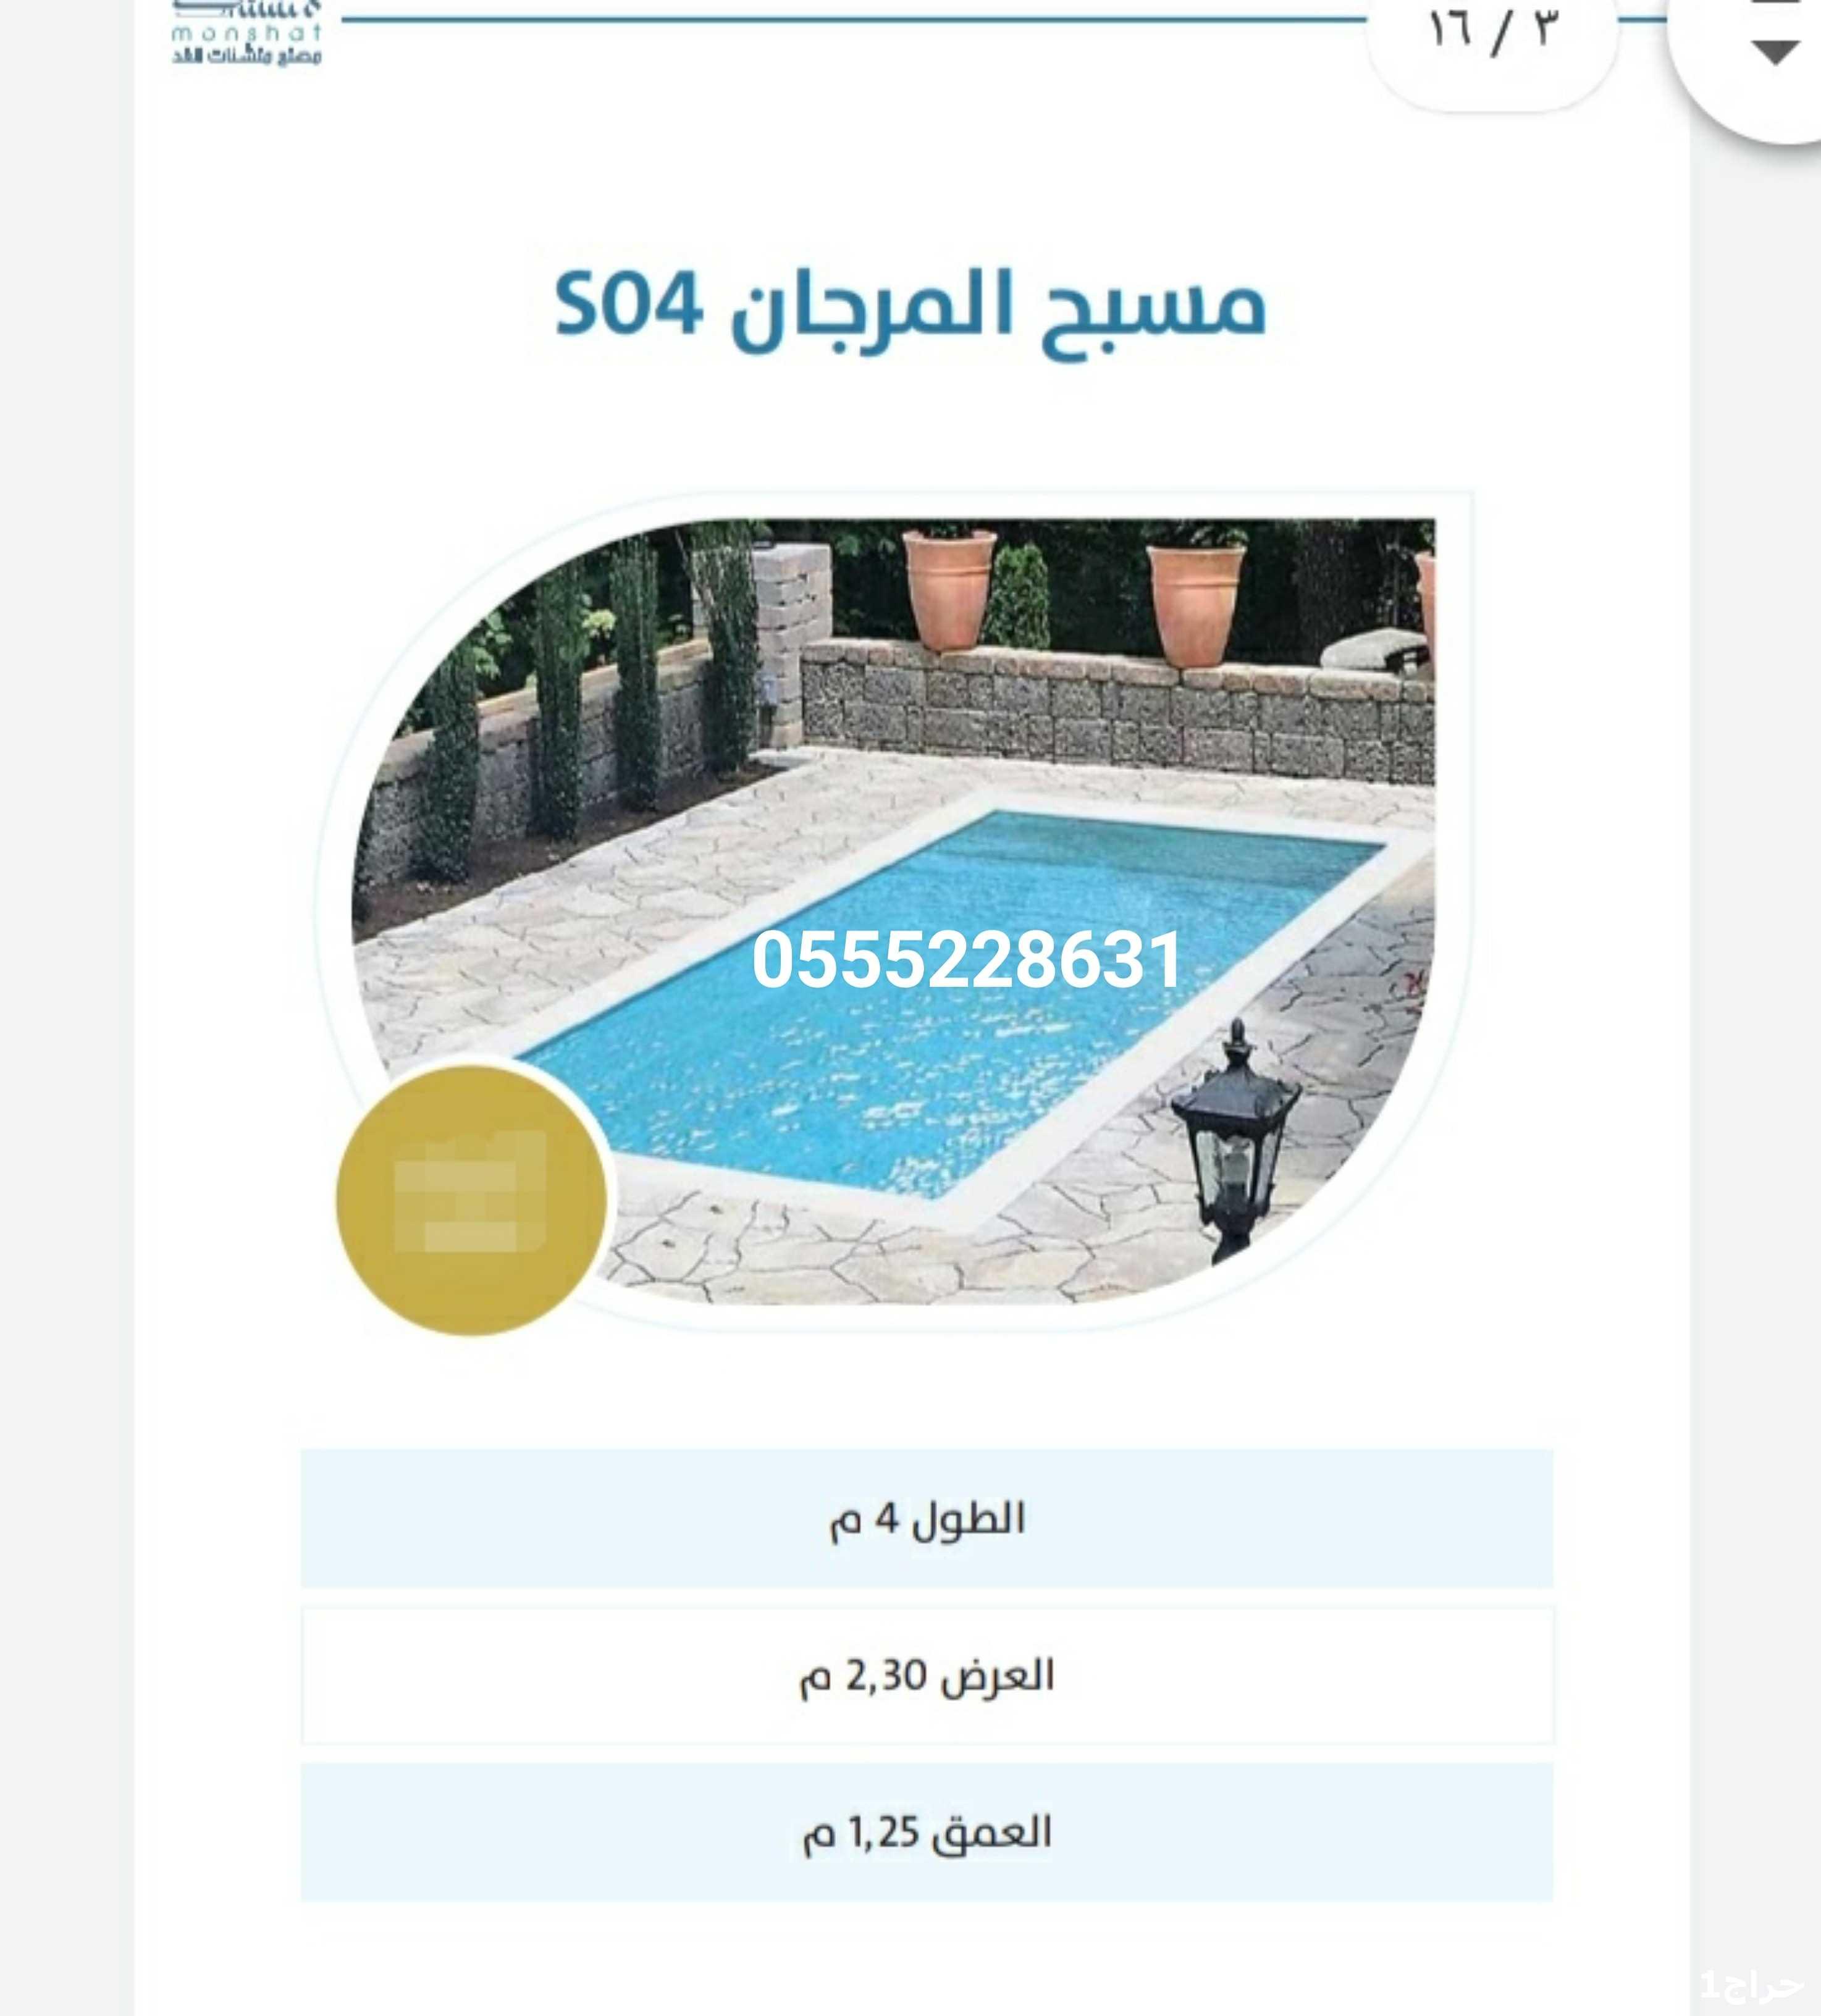 http://haraj1.com/images/imagesupload/236928/5f4f2f44607b4f49b2d1026002dc287a/409d5a6b-ef9e-4da7-9c86-2bfe3099a5a4.jpg